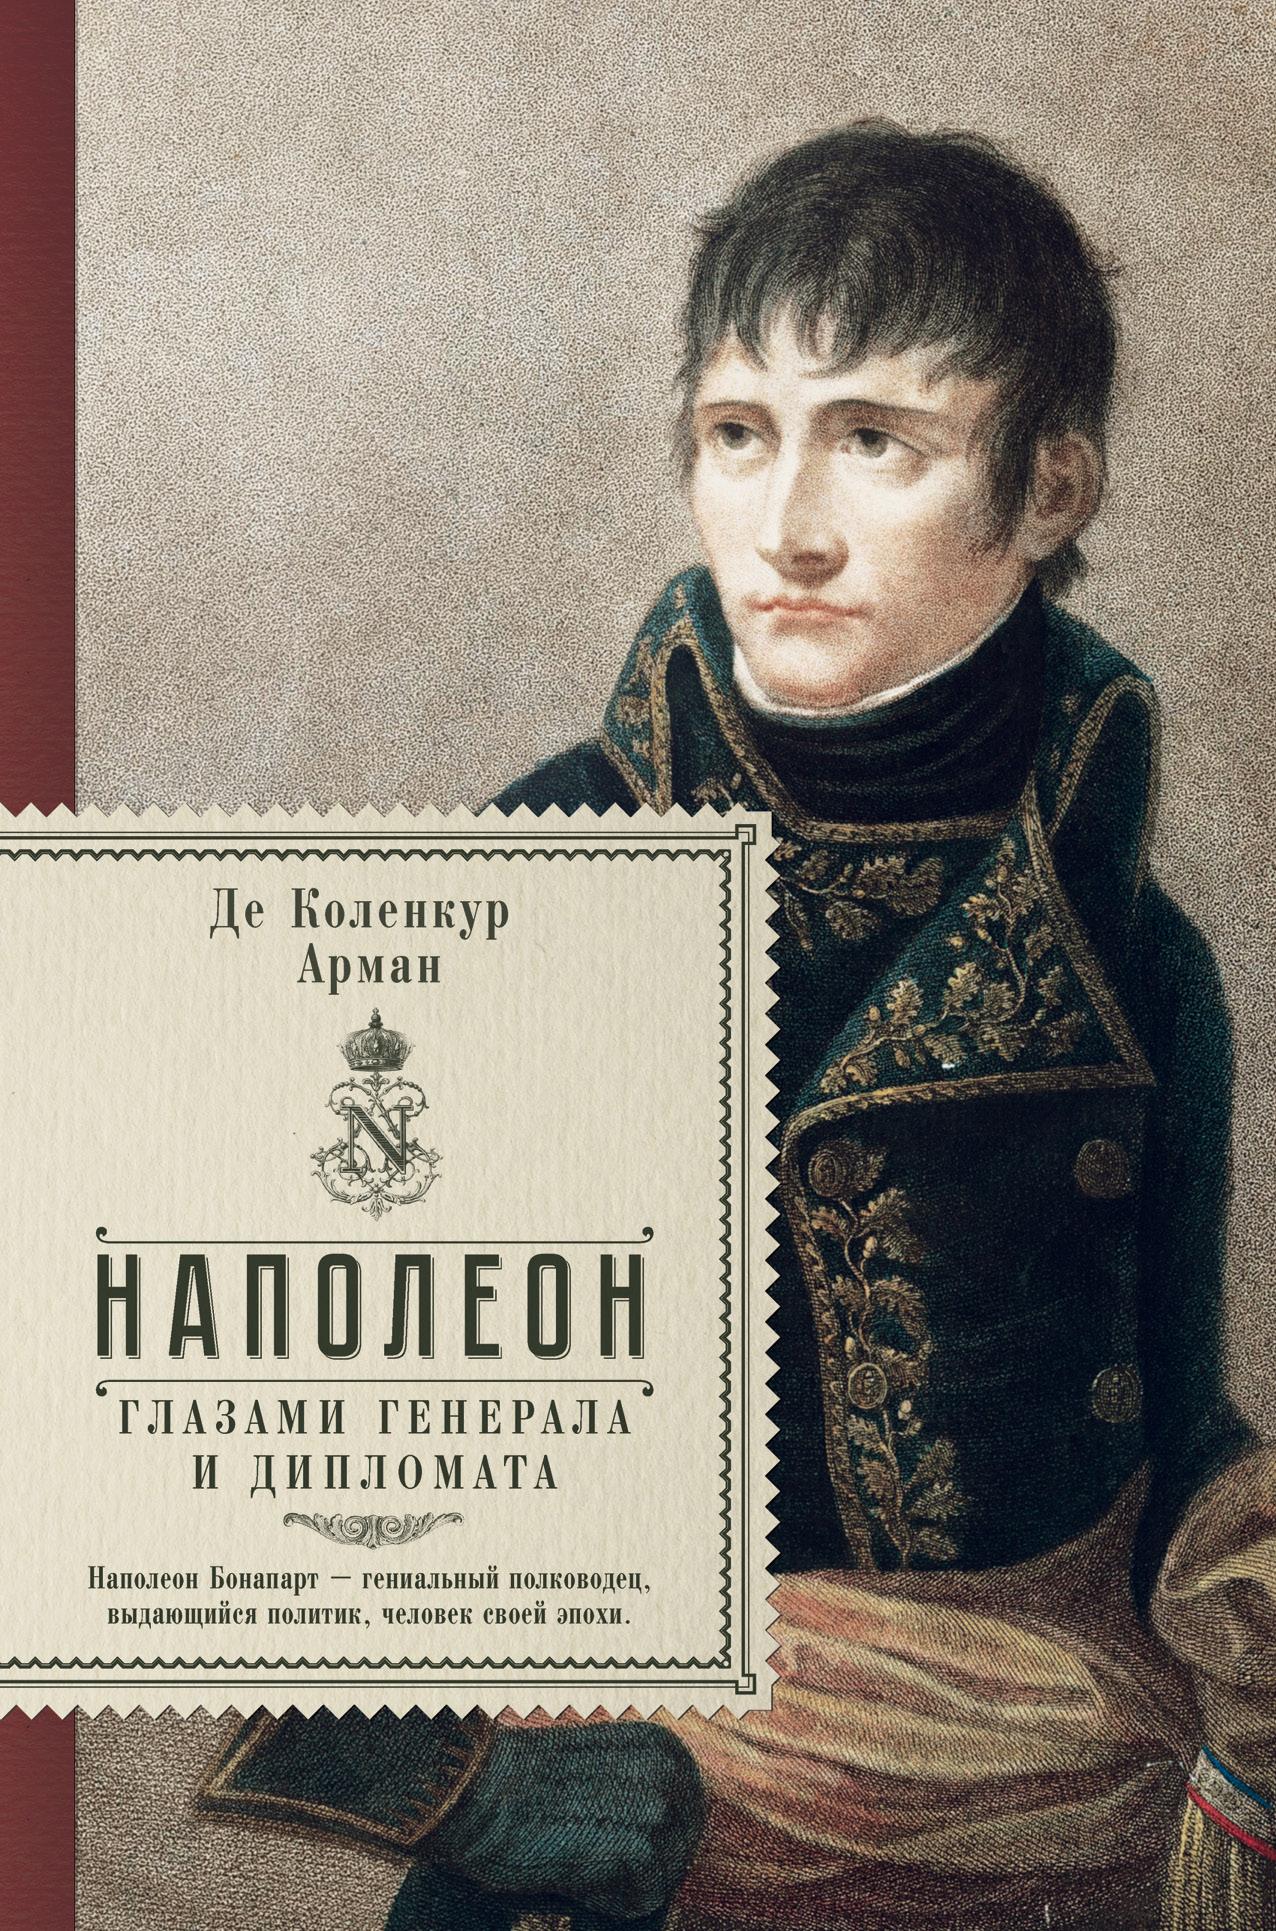 Наполеон. Глазами генерала и дипломата ( де Коленкур А.  )